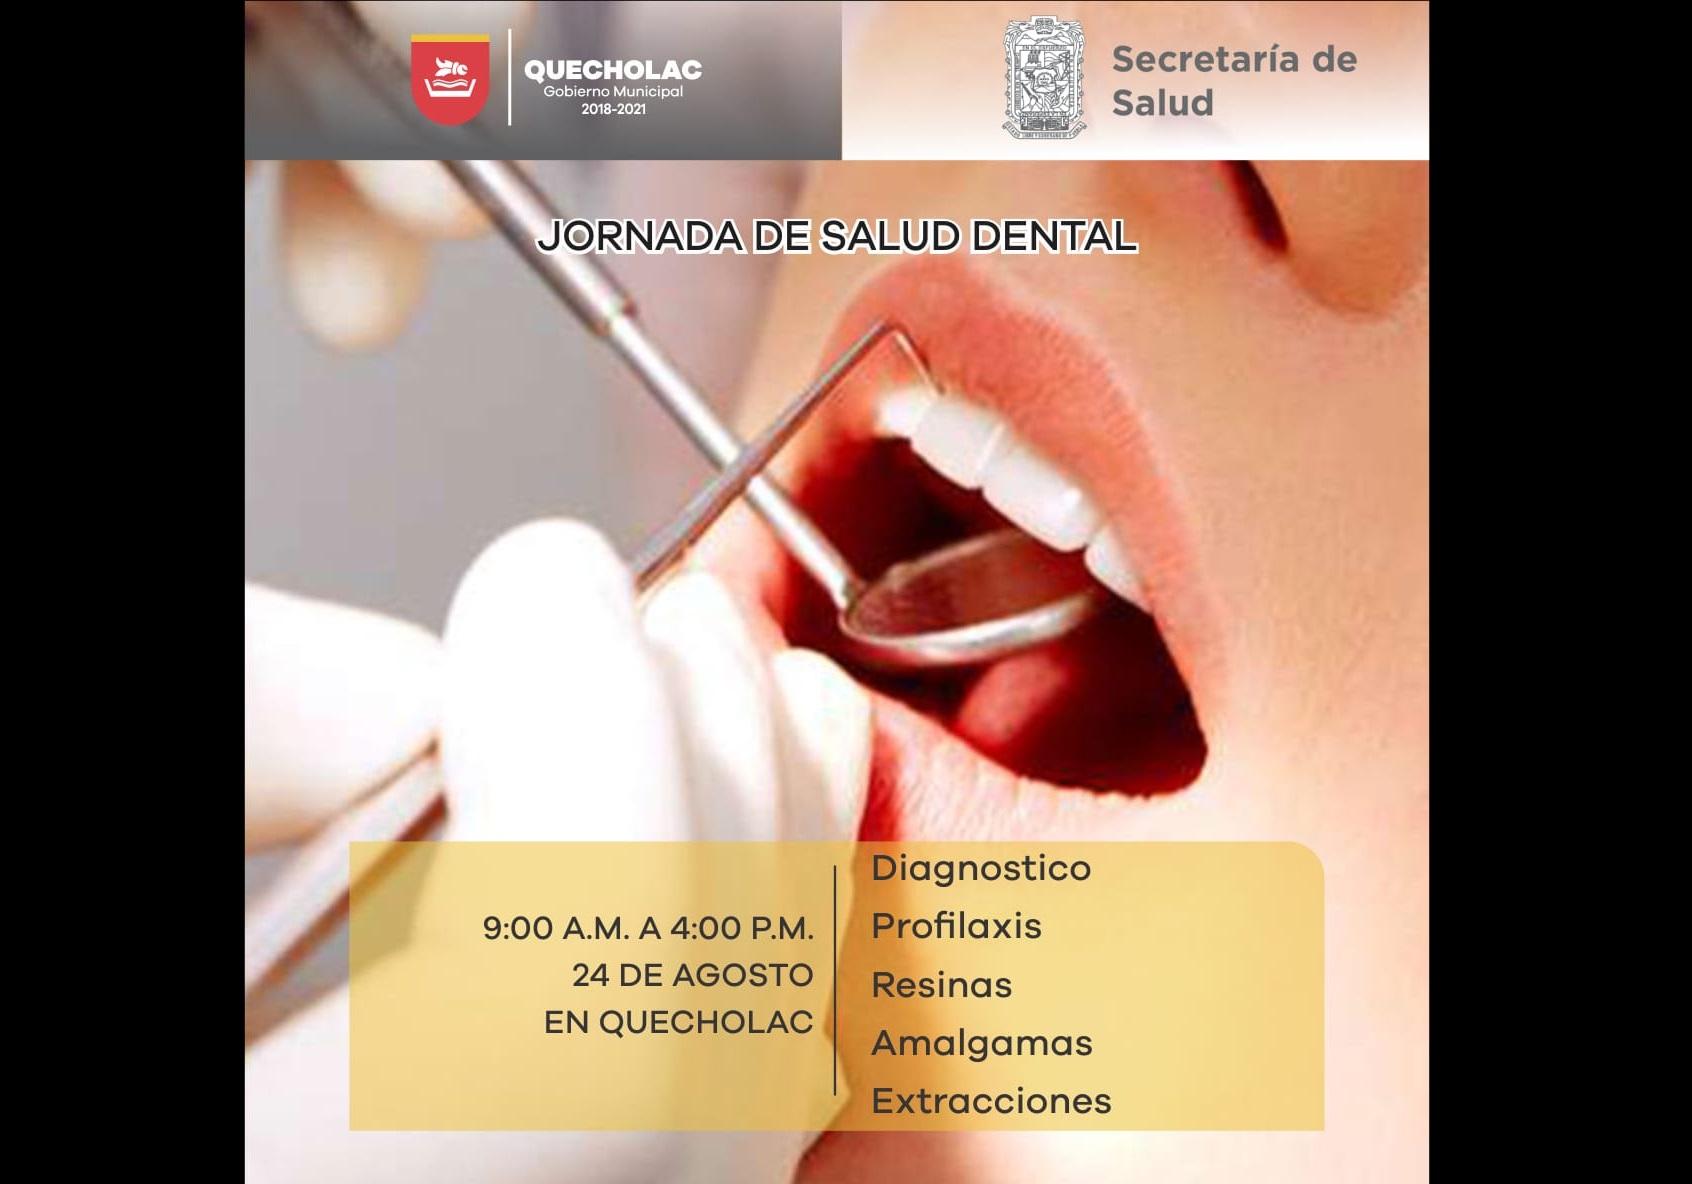 Realizarán jornada gratuita de salud dental en Quecholac